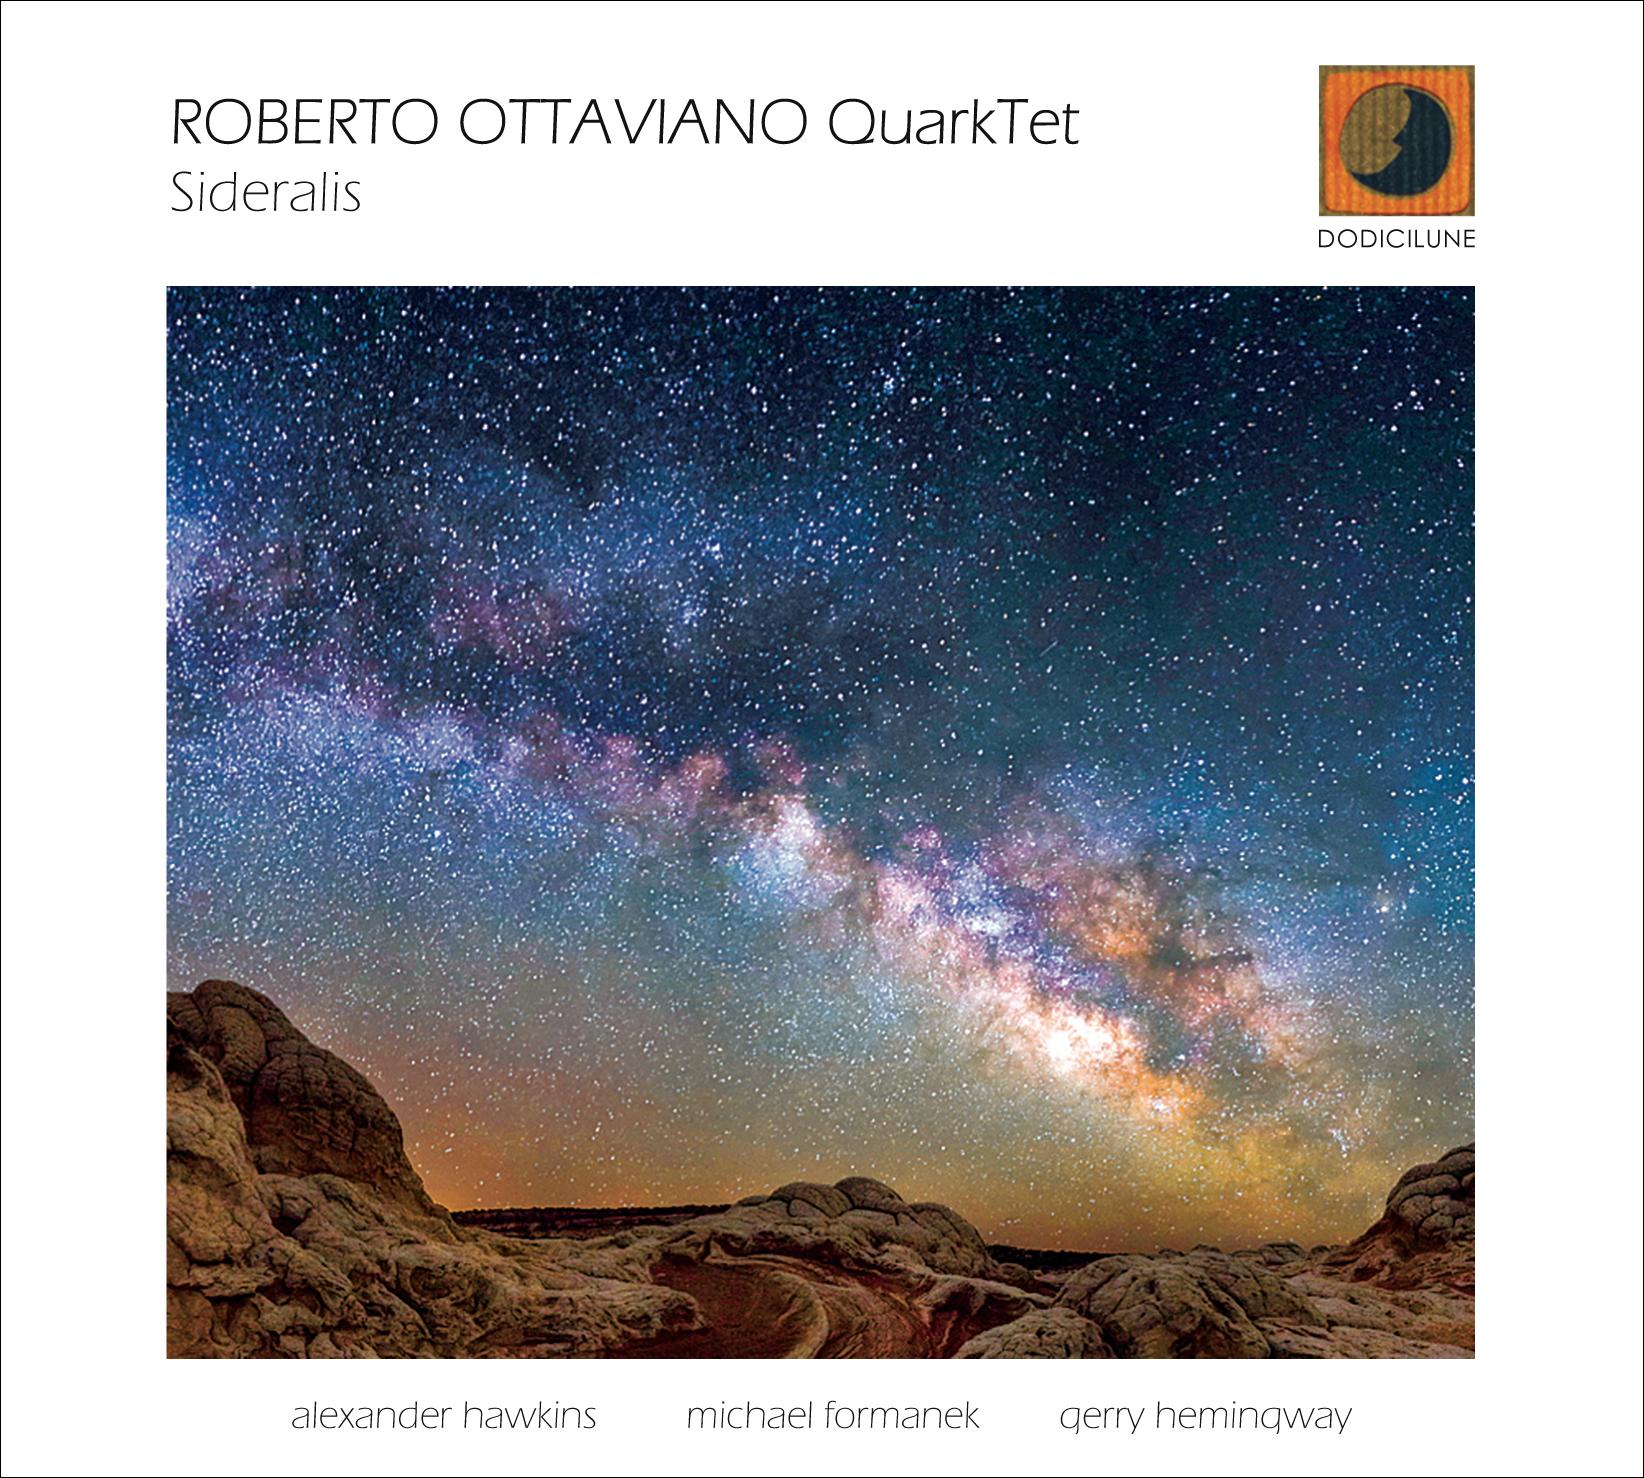 Roberto Ottaviano</br>Sideralis</br>Dodicilune, 2017